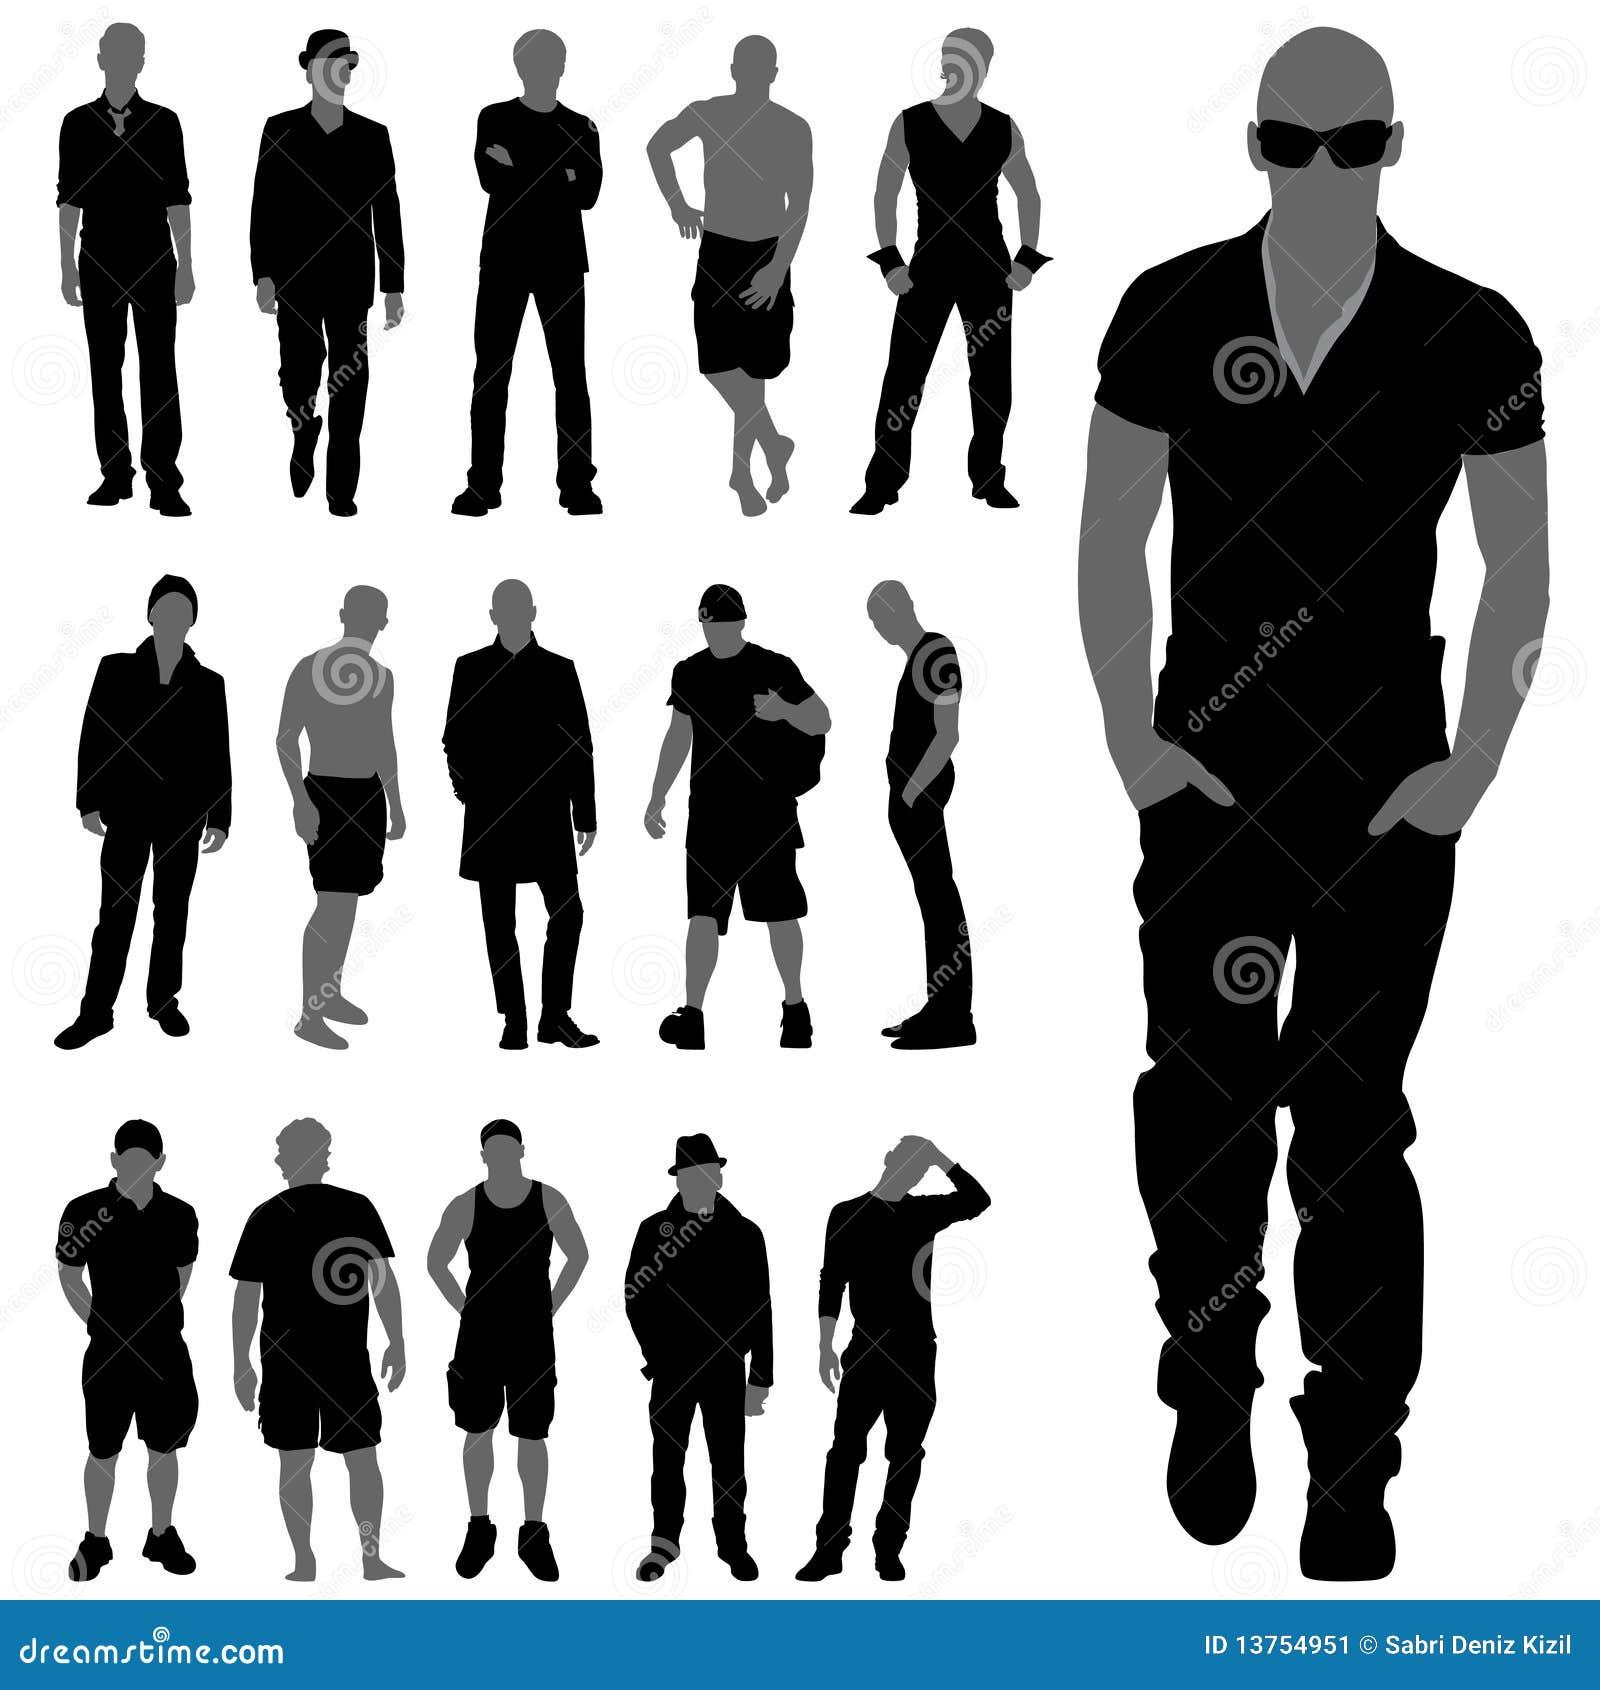 Fashion Man Silhouettes Cartoon Vector